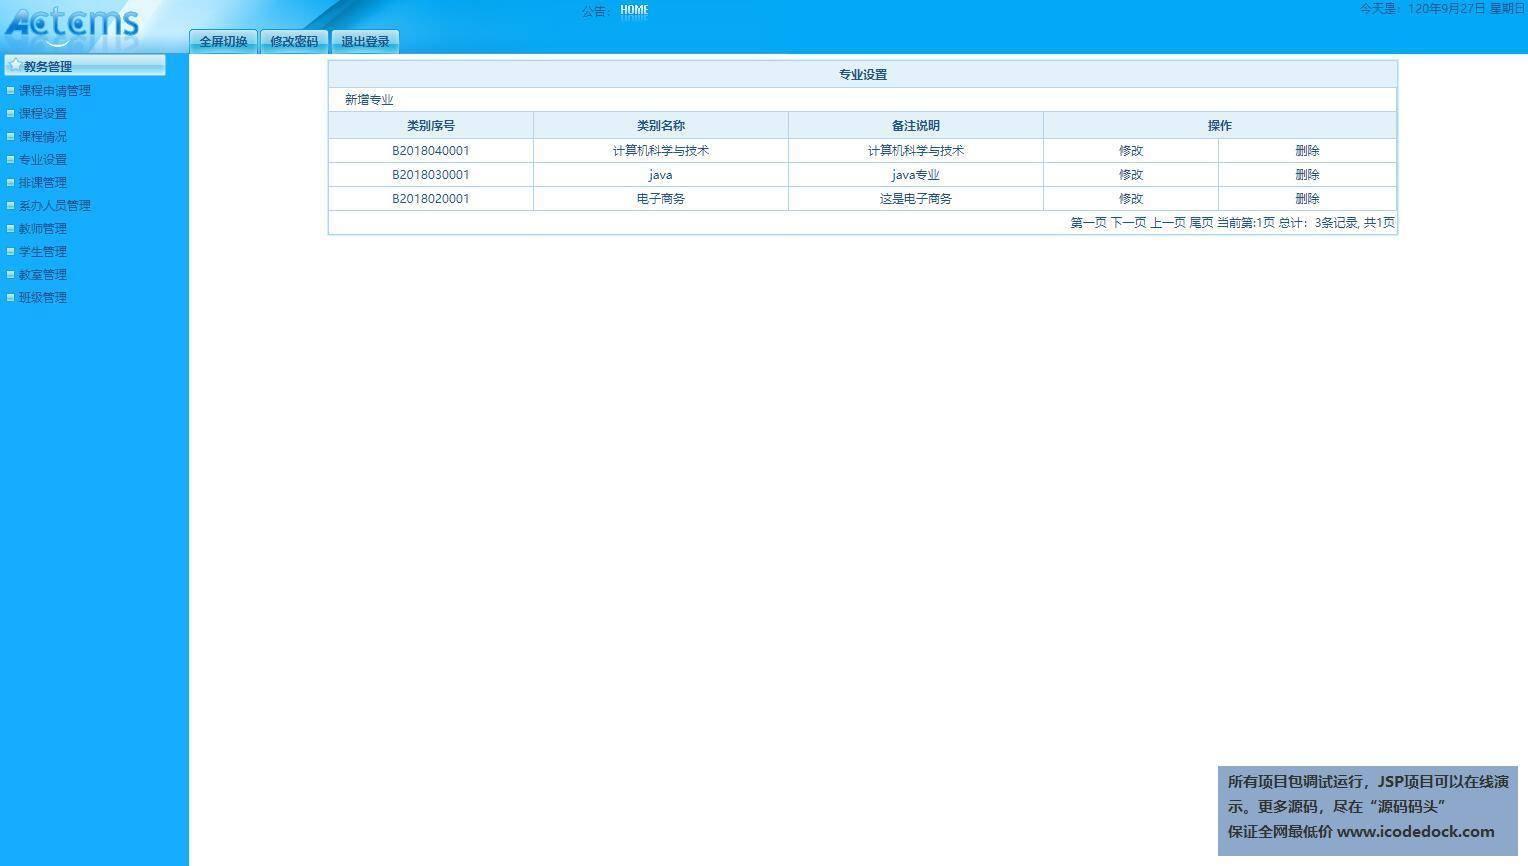 源码码头-JSP高校教务排课管理系统-管理员角色-专业设置查看